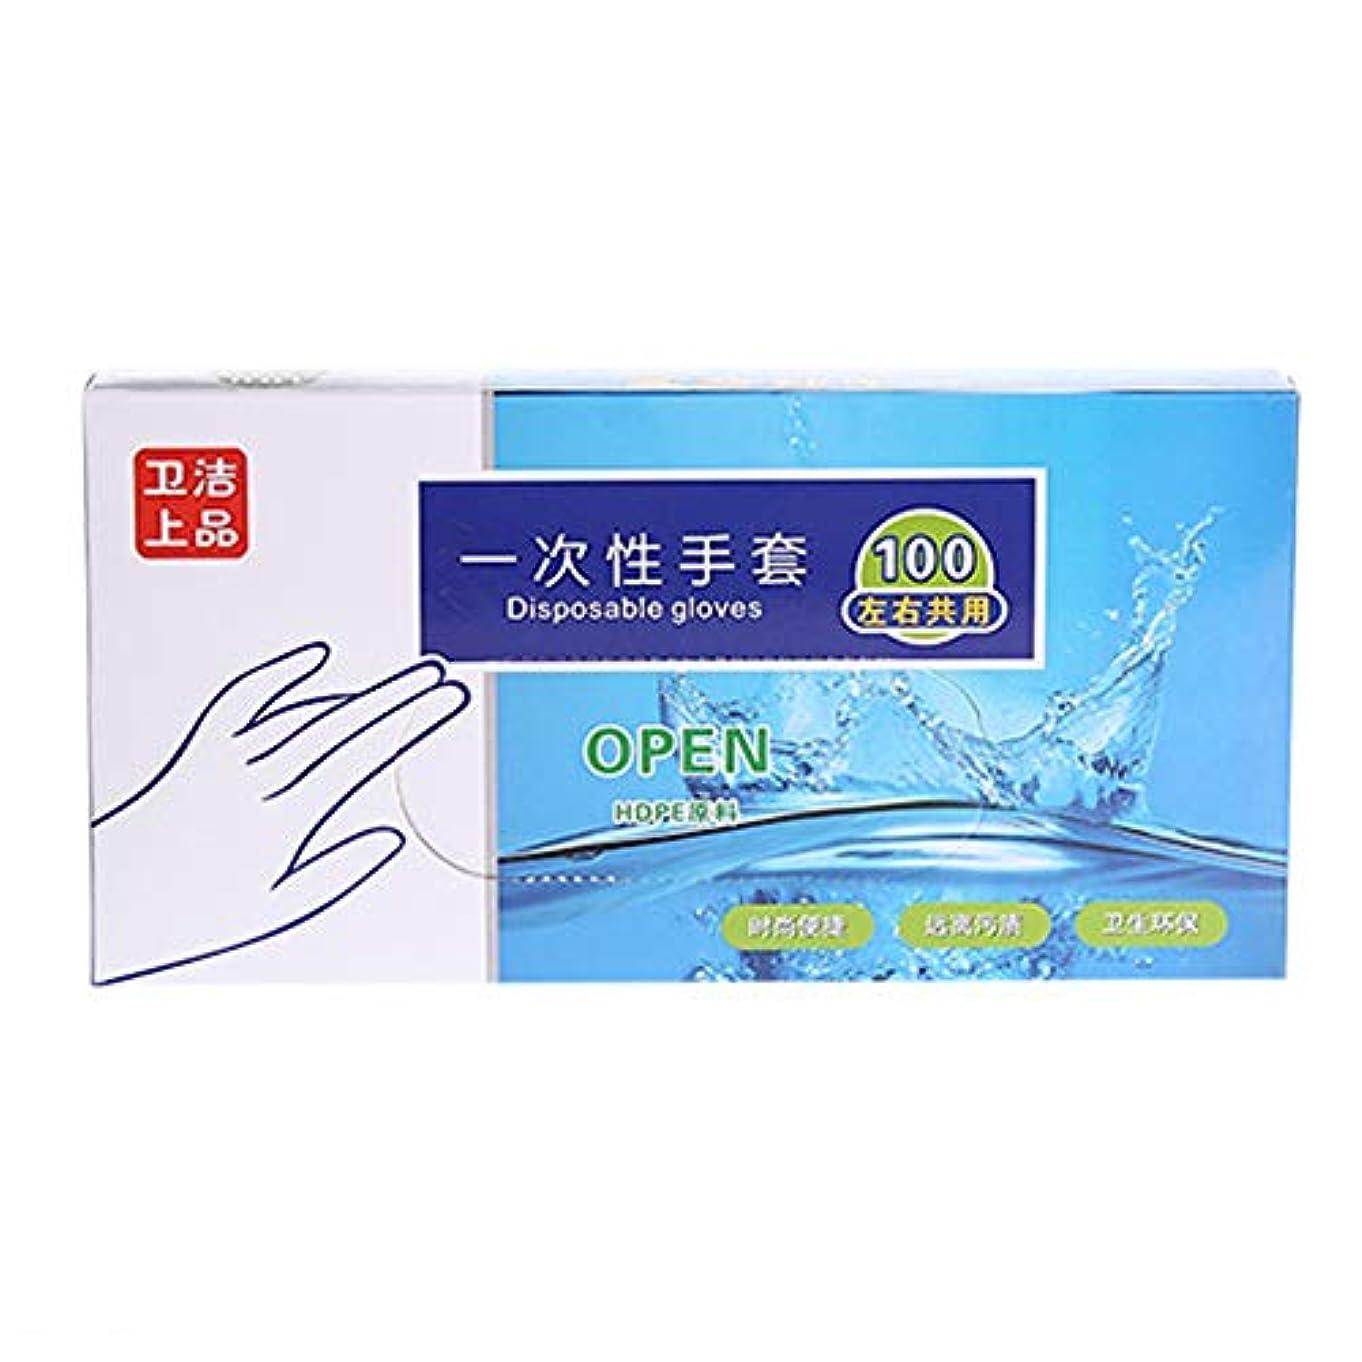 安定しました密度接触使い捨て手袋 100枚 2パック 入フリーサイズ グローブ ポリエチレン手袋 左右兼用 ポリエチレン PE 実用 衛生 調理 清掃 染髪